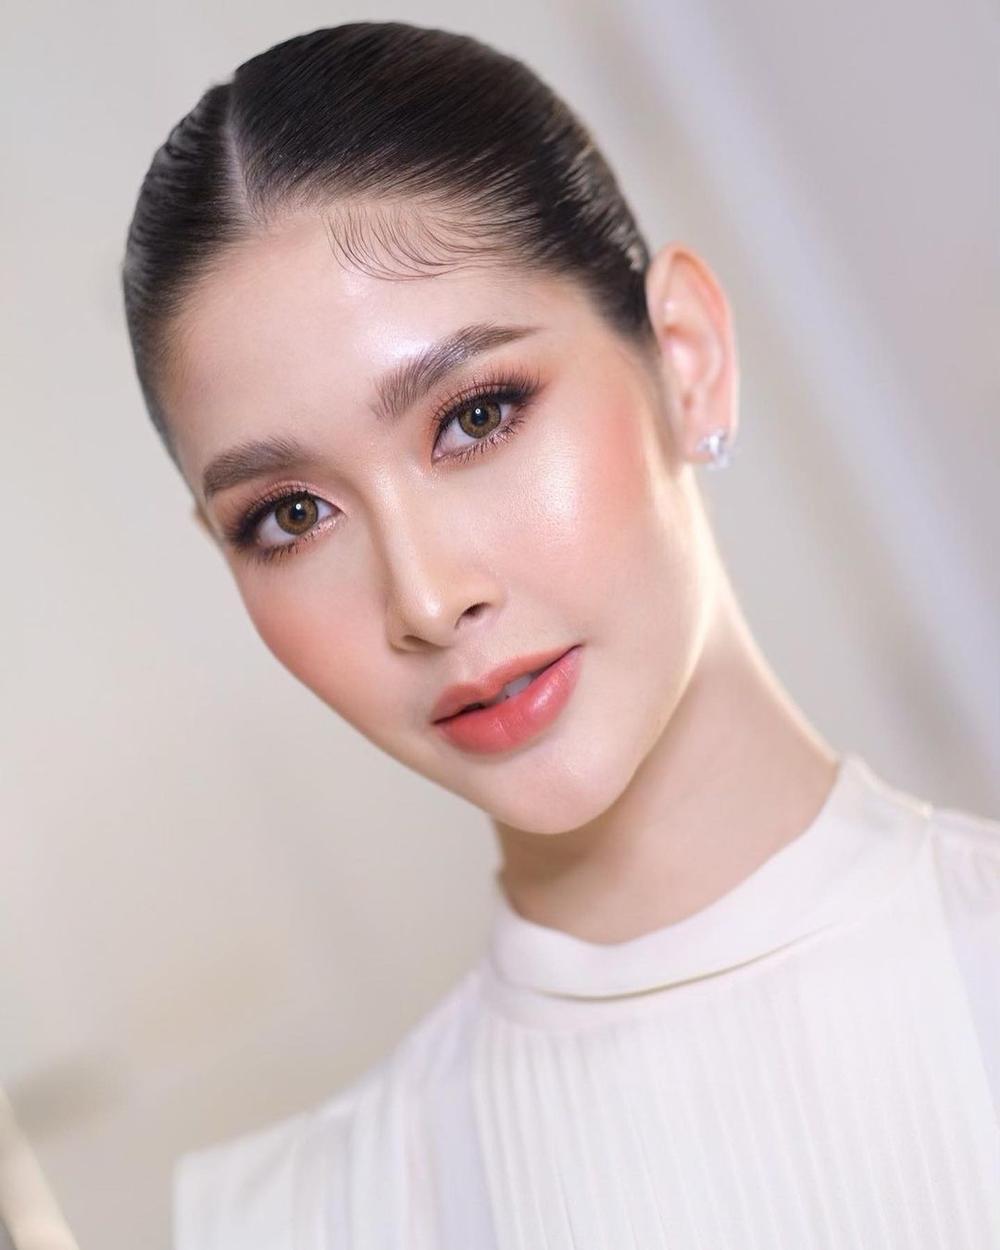 12 thí sinh đầu tiên dự thi Miss International Queen 2021: Trân Đài 'kèn cựa' mỹ nhân Thái Lan Ảnh 12